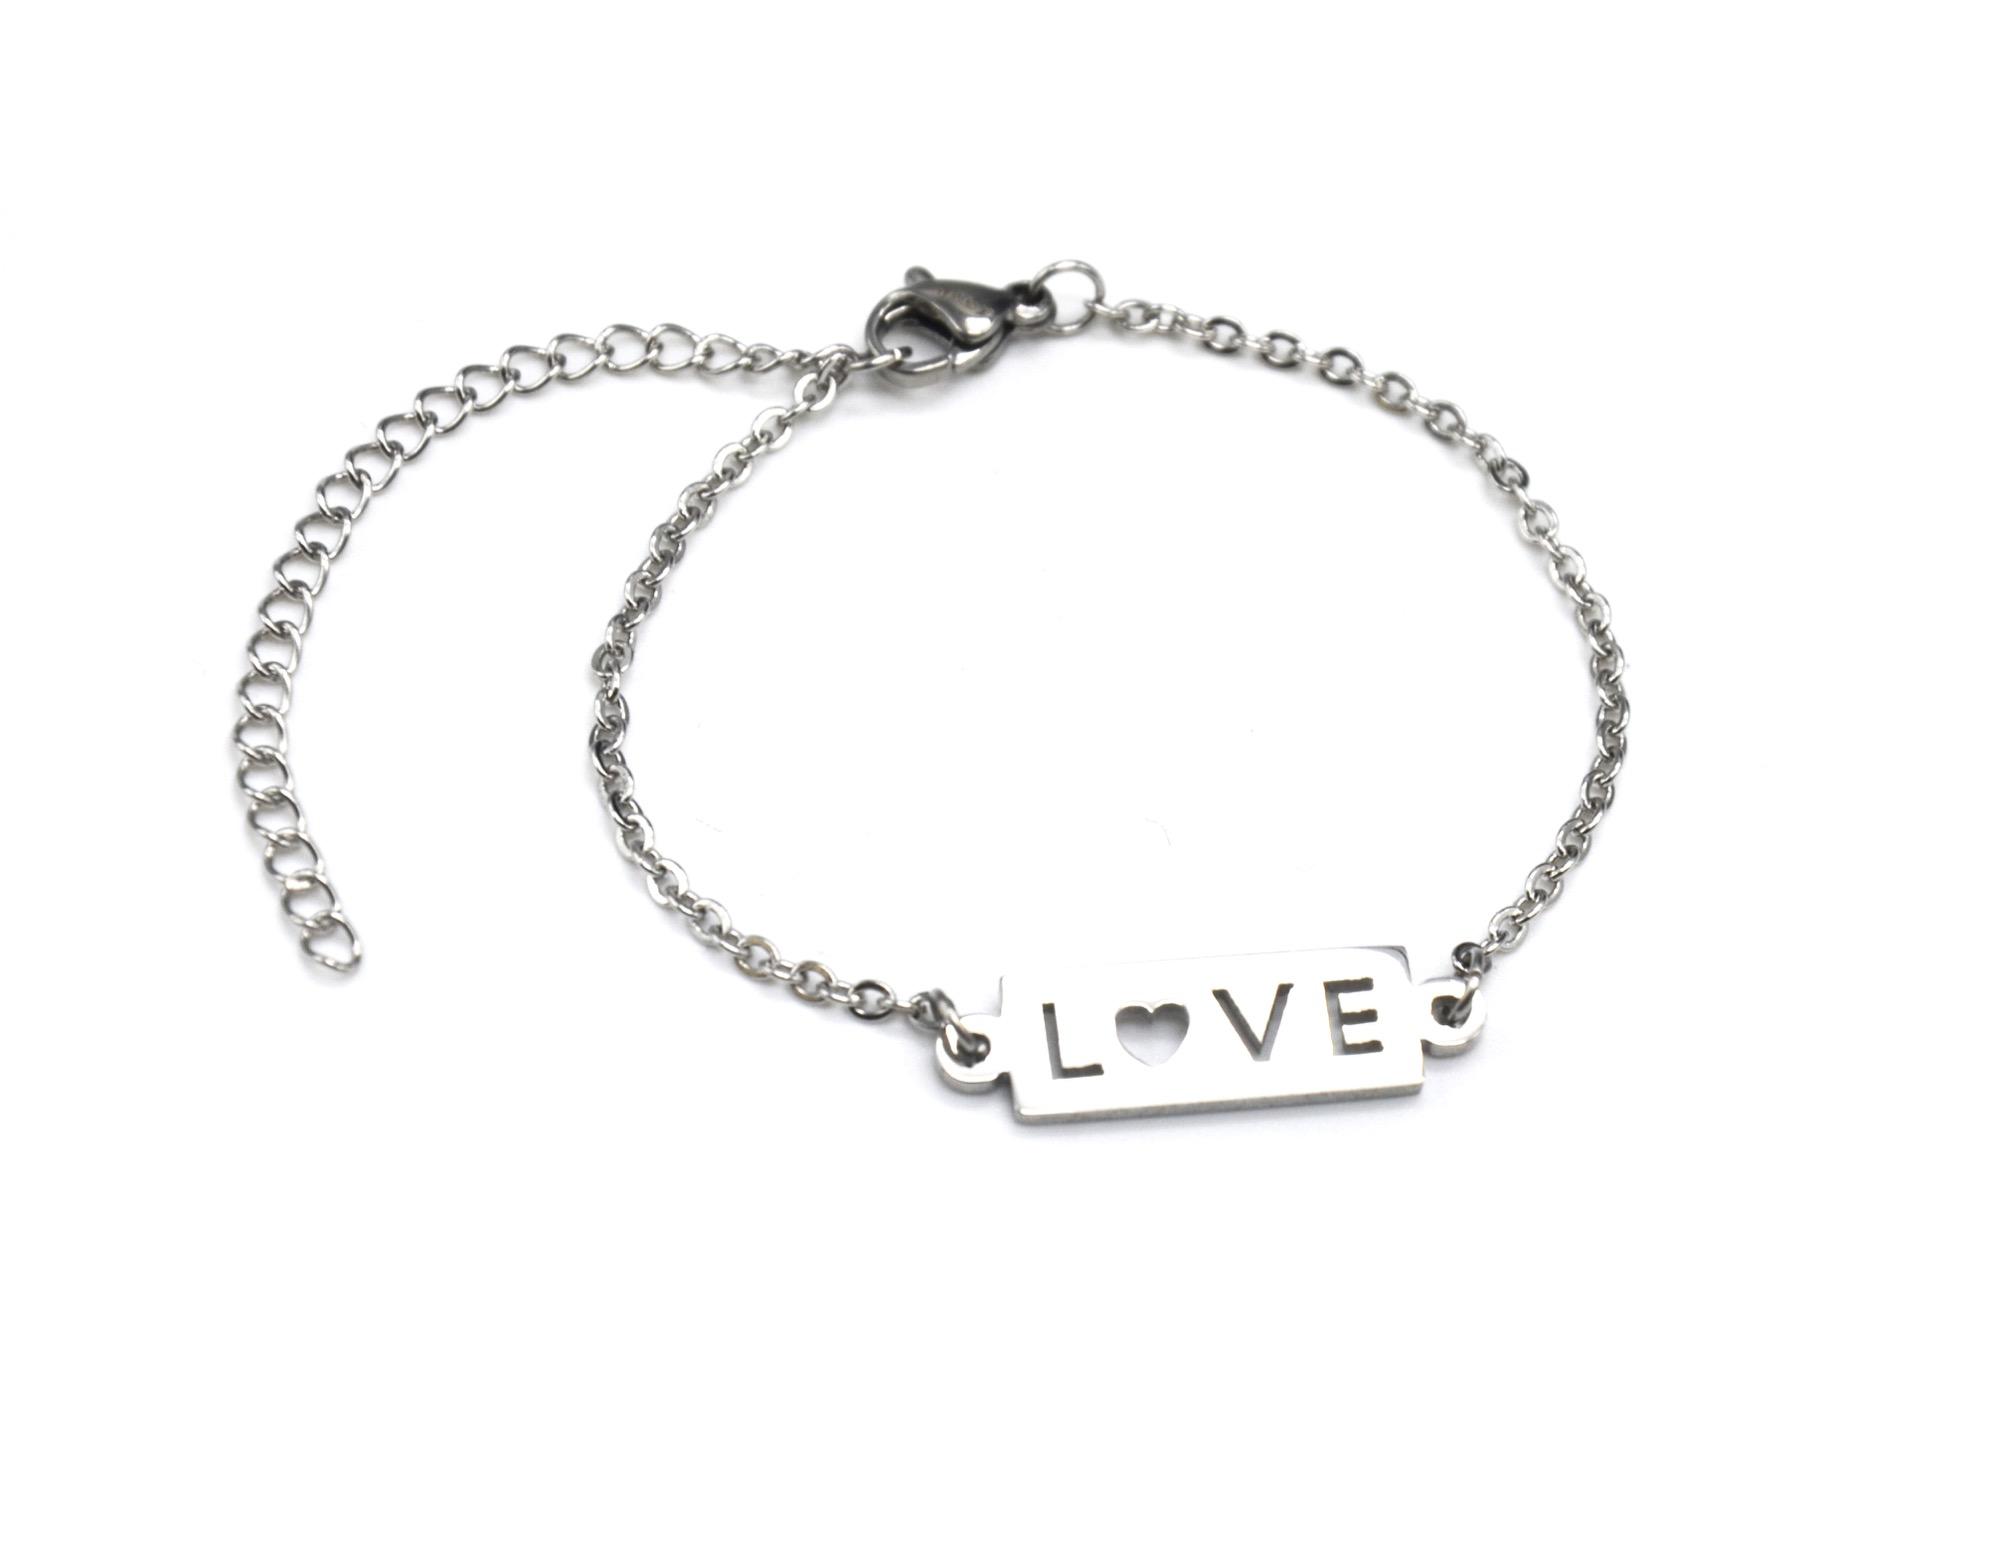 c40a7e4f8f845 BC2039F – Bracelet Fine Chaîne avec Charm Rectangle Love Acier Argenté –  Mode Fantaisie